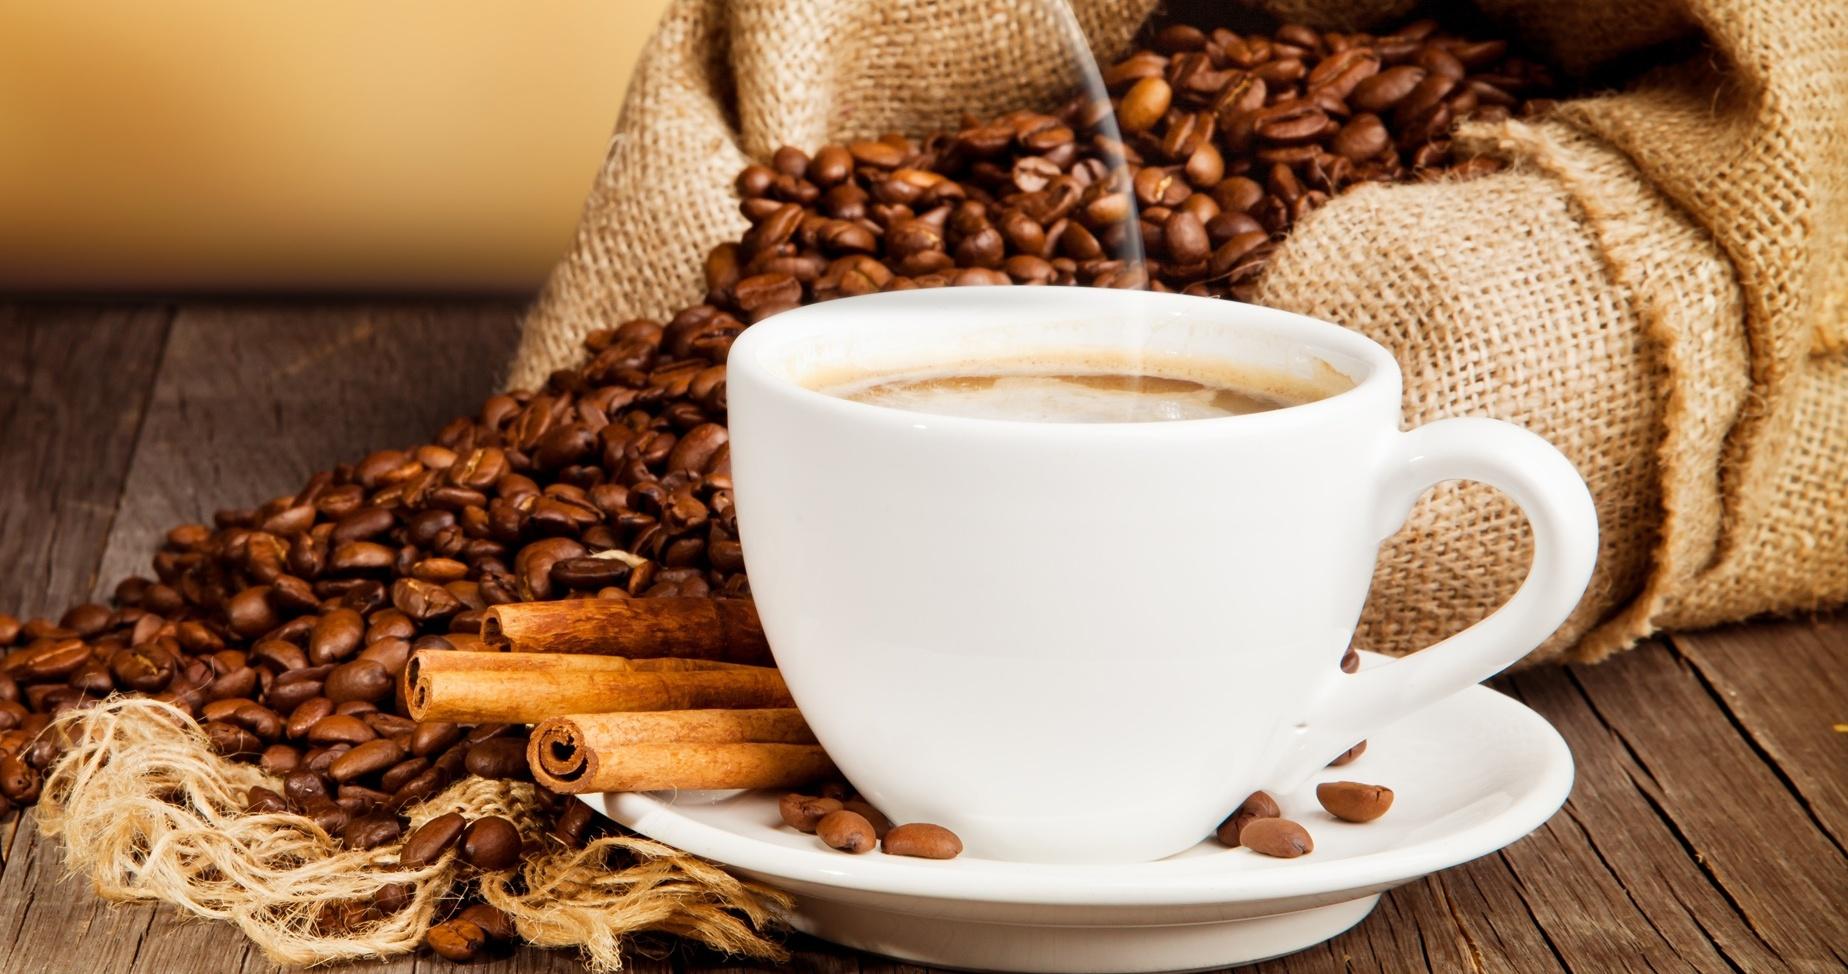 Рак простаты и любовь к чаю связаны, утверждают исследователи